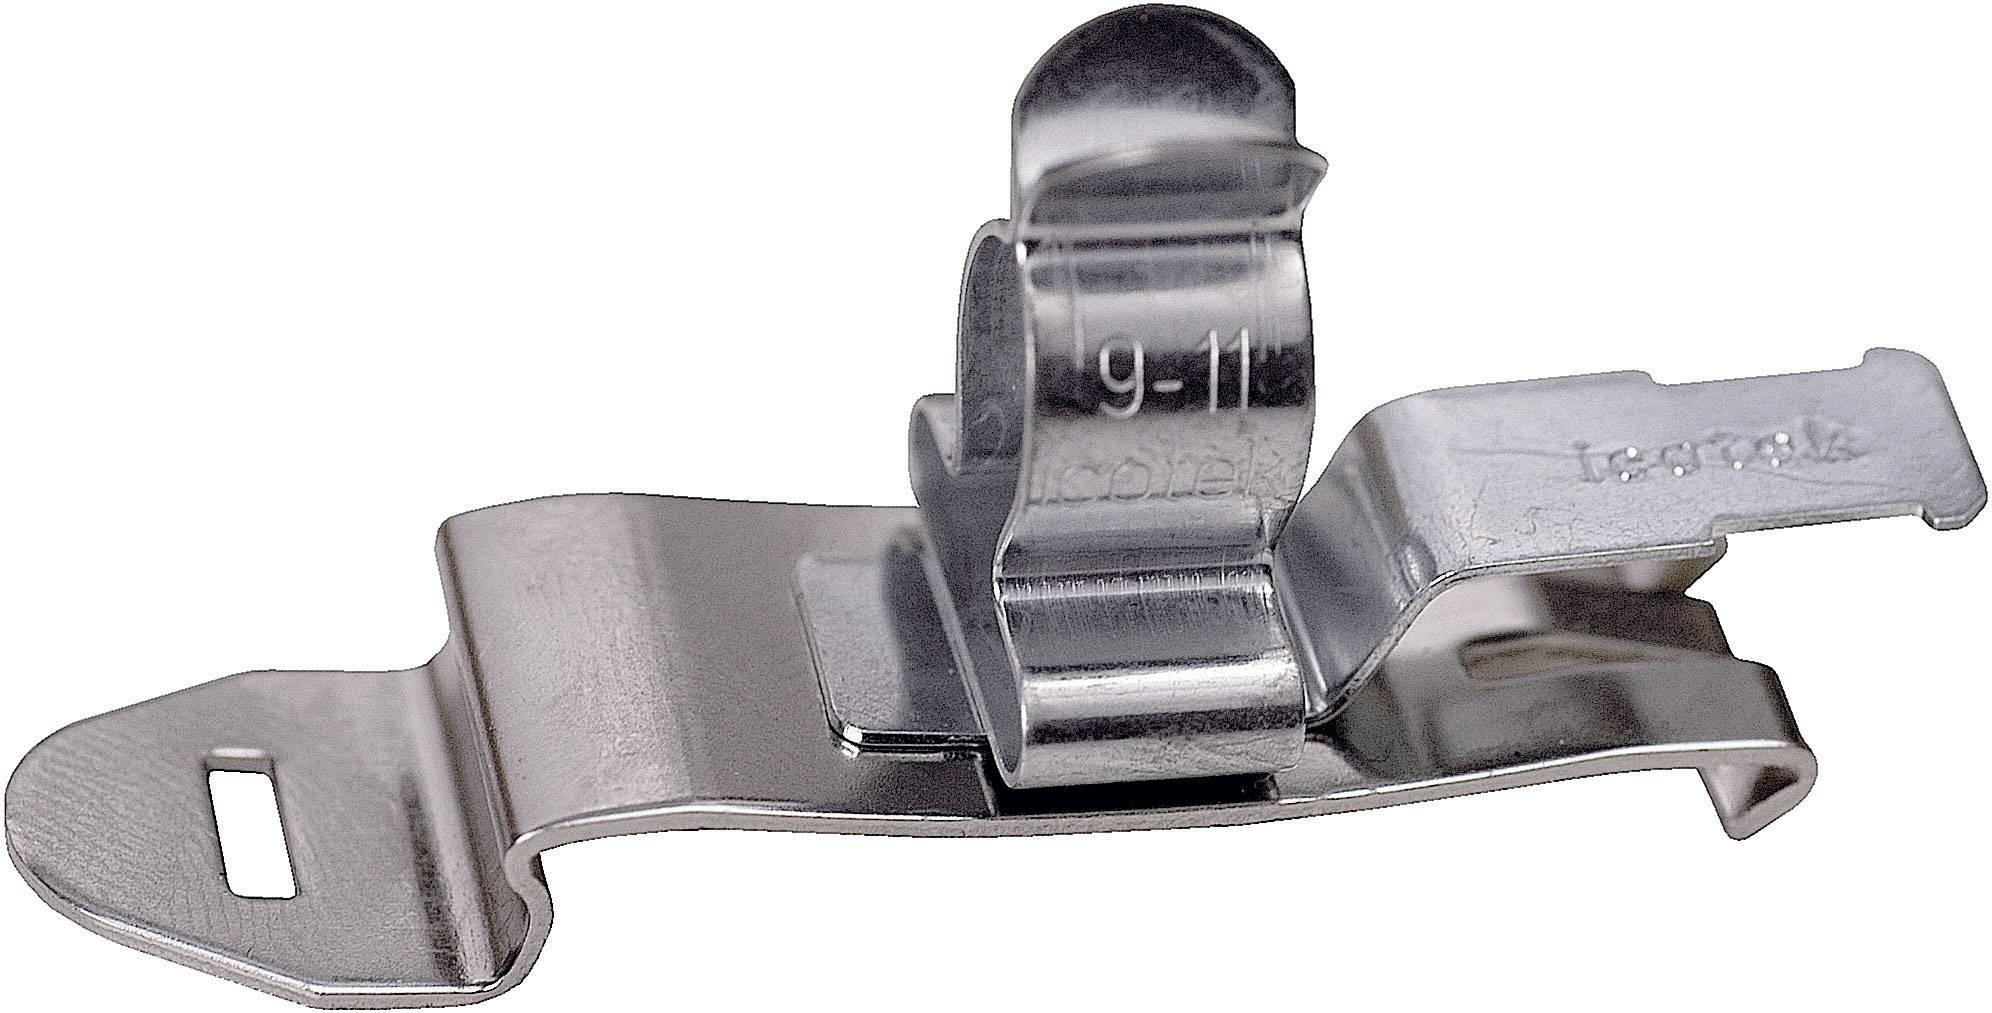 Icotek Zaščitna sponka SFZ SFZ|SKL 9-11 za kabel- 9 - 11 mm, pocinkano vzmetno jeklo